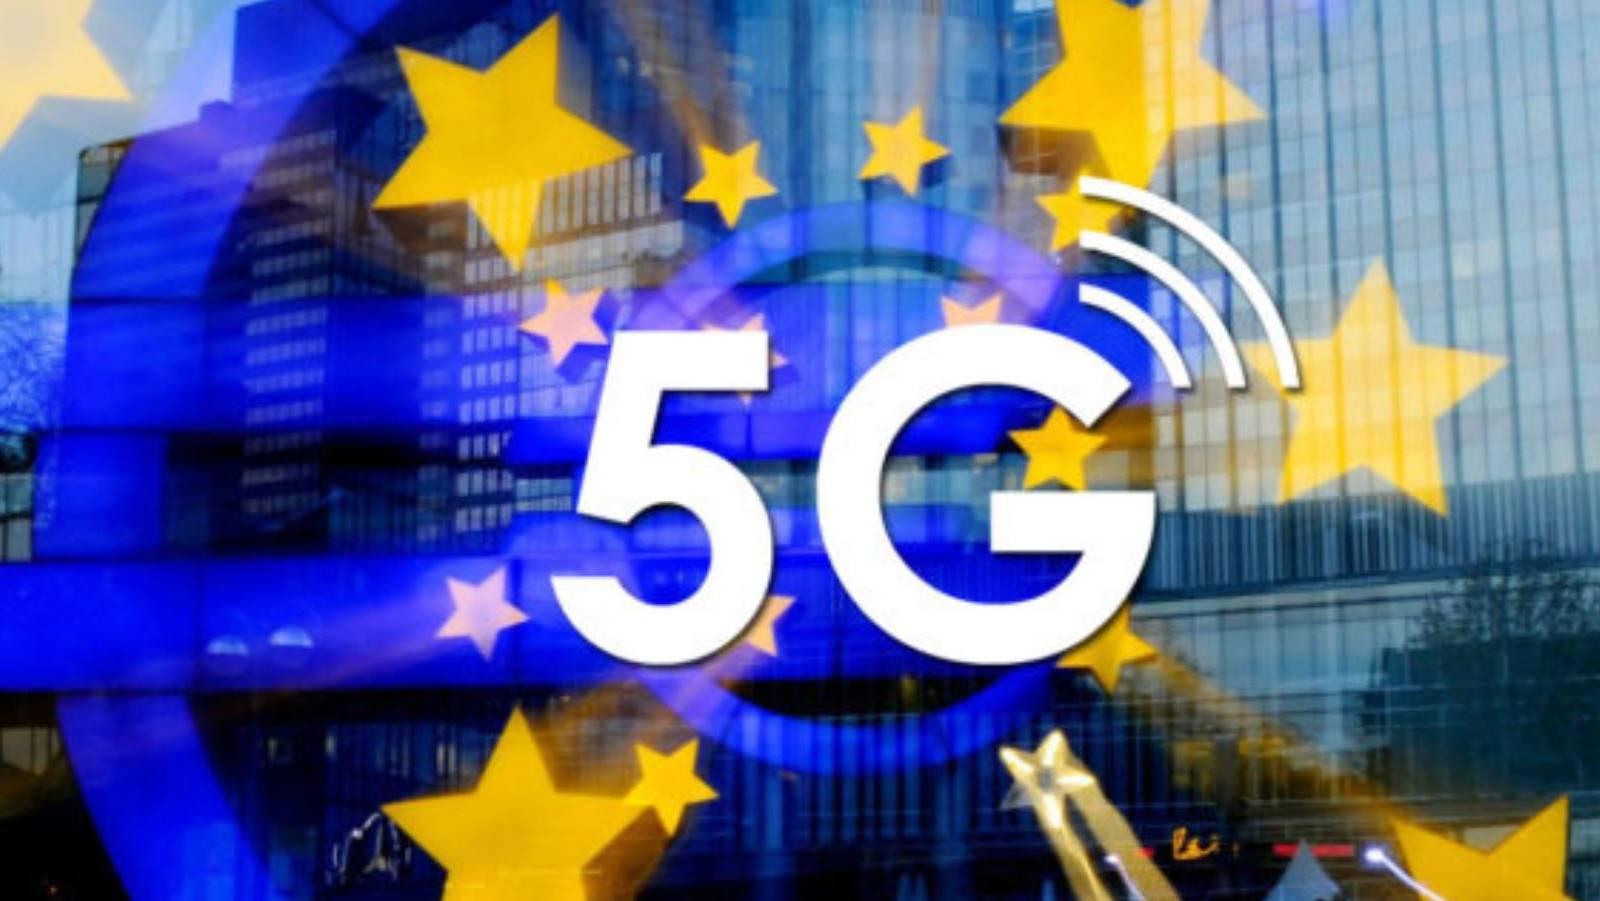 PRIMUL TELEFON 5G elvetia europa